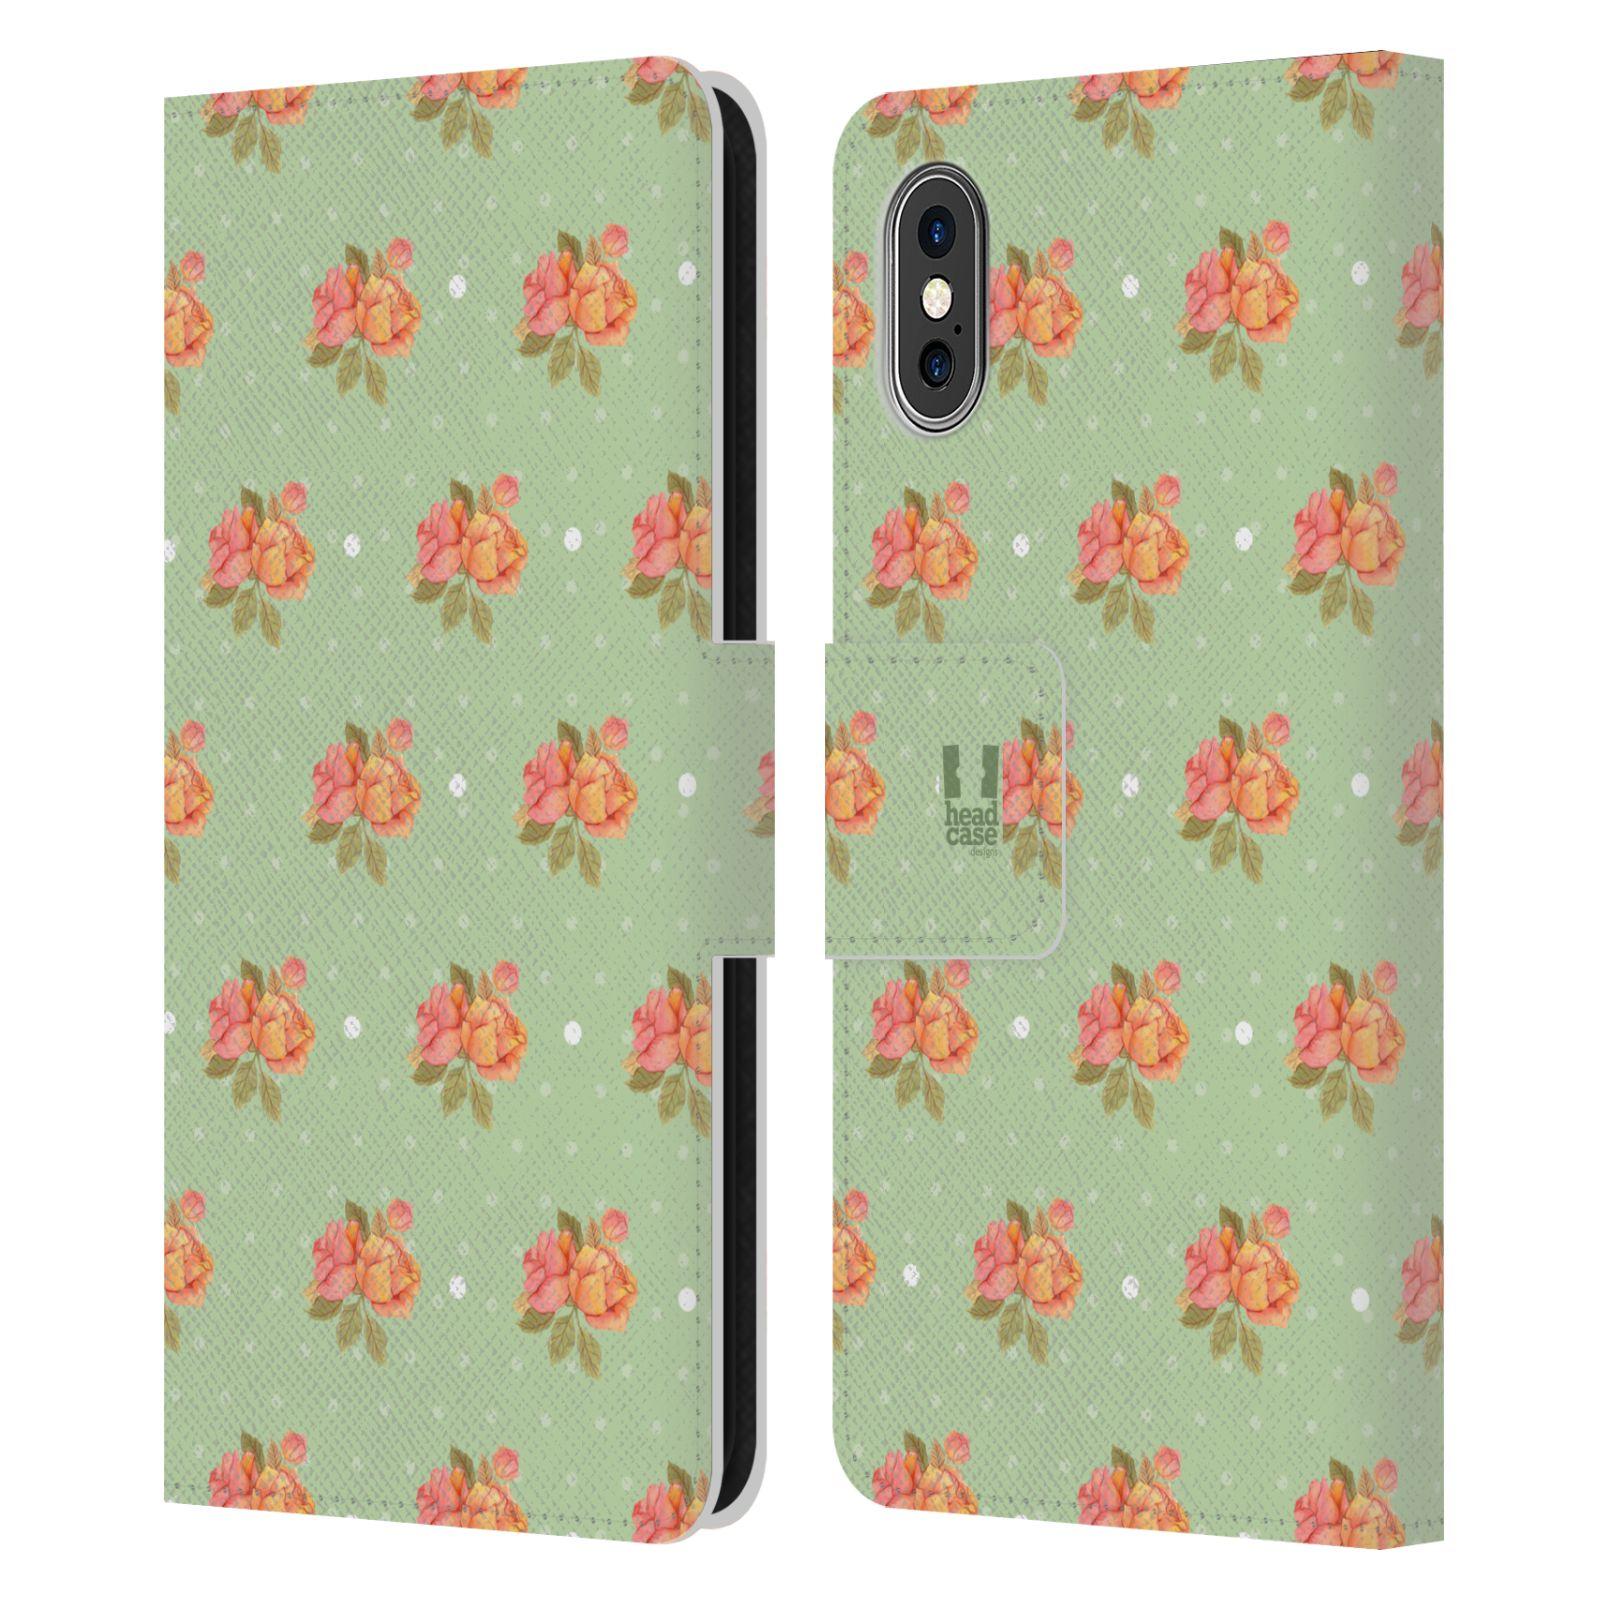 HEAD CASE Flipové pouzdro pro mobil Apple Iphone X / XS romantické květy jaro zelená